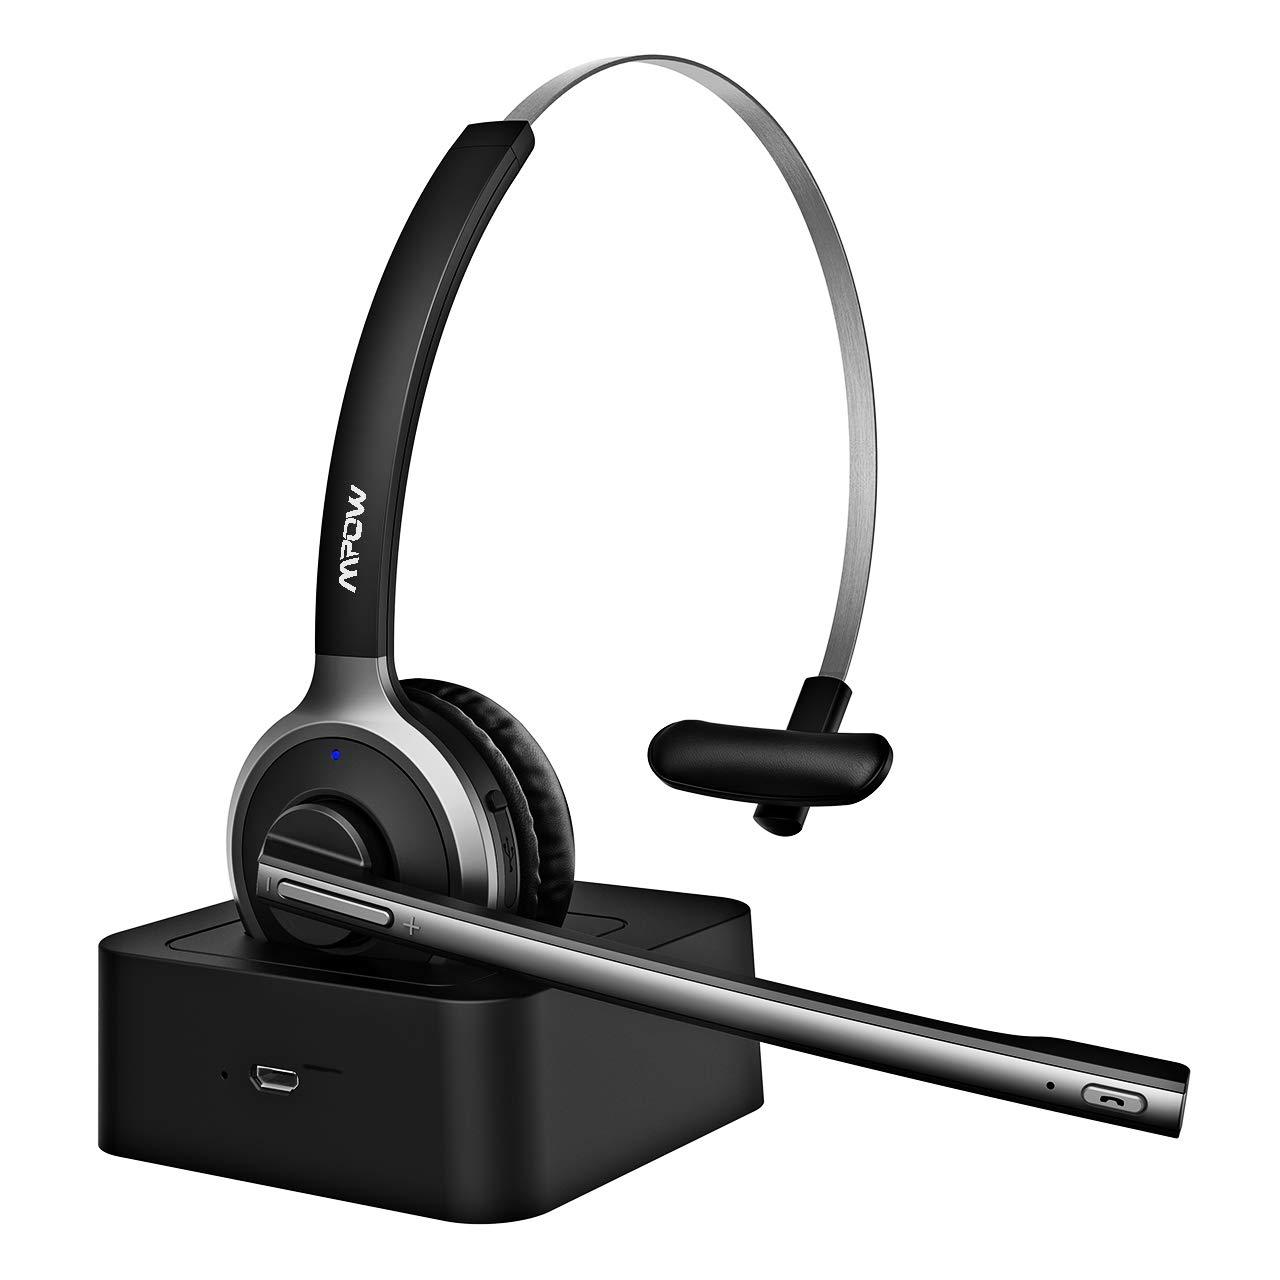 Mpow Bluetooth Headset, Drahtloses PC Headset mit Ladestation, Rauschunterdrü ckung Funk-Headset mit Mikrofon, LKW Freisprechen Chat Headset,18 Stunden fü r Computer,Skype,Call Center,Smartphone